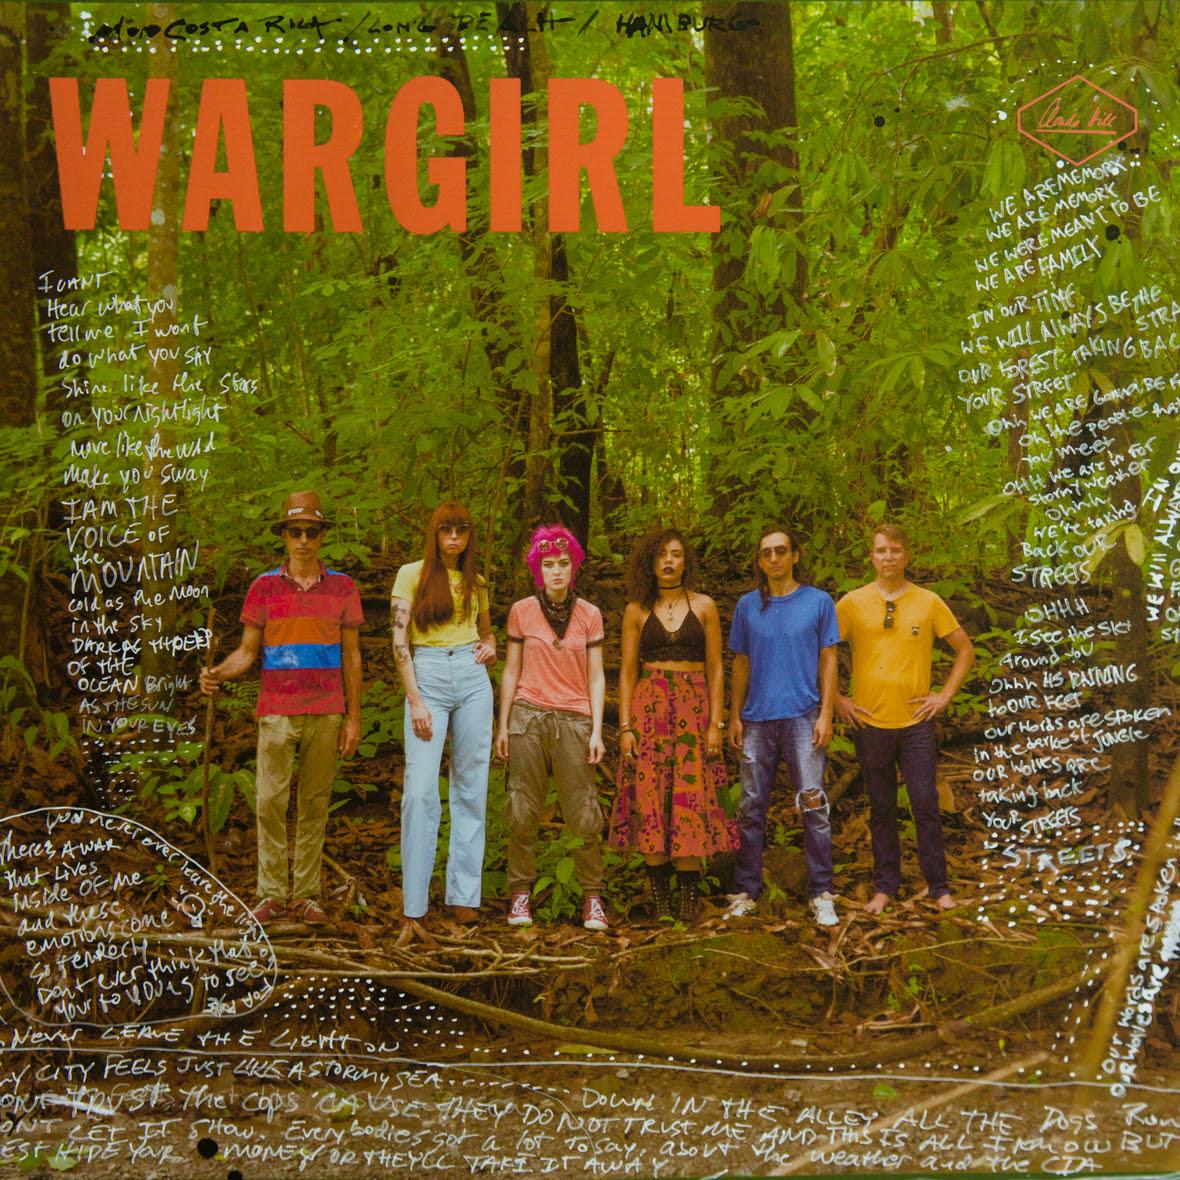 wargirl-album-cover